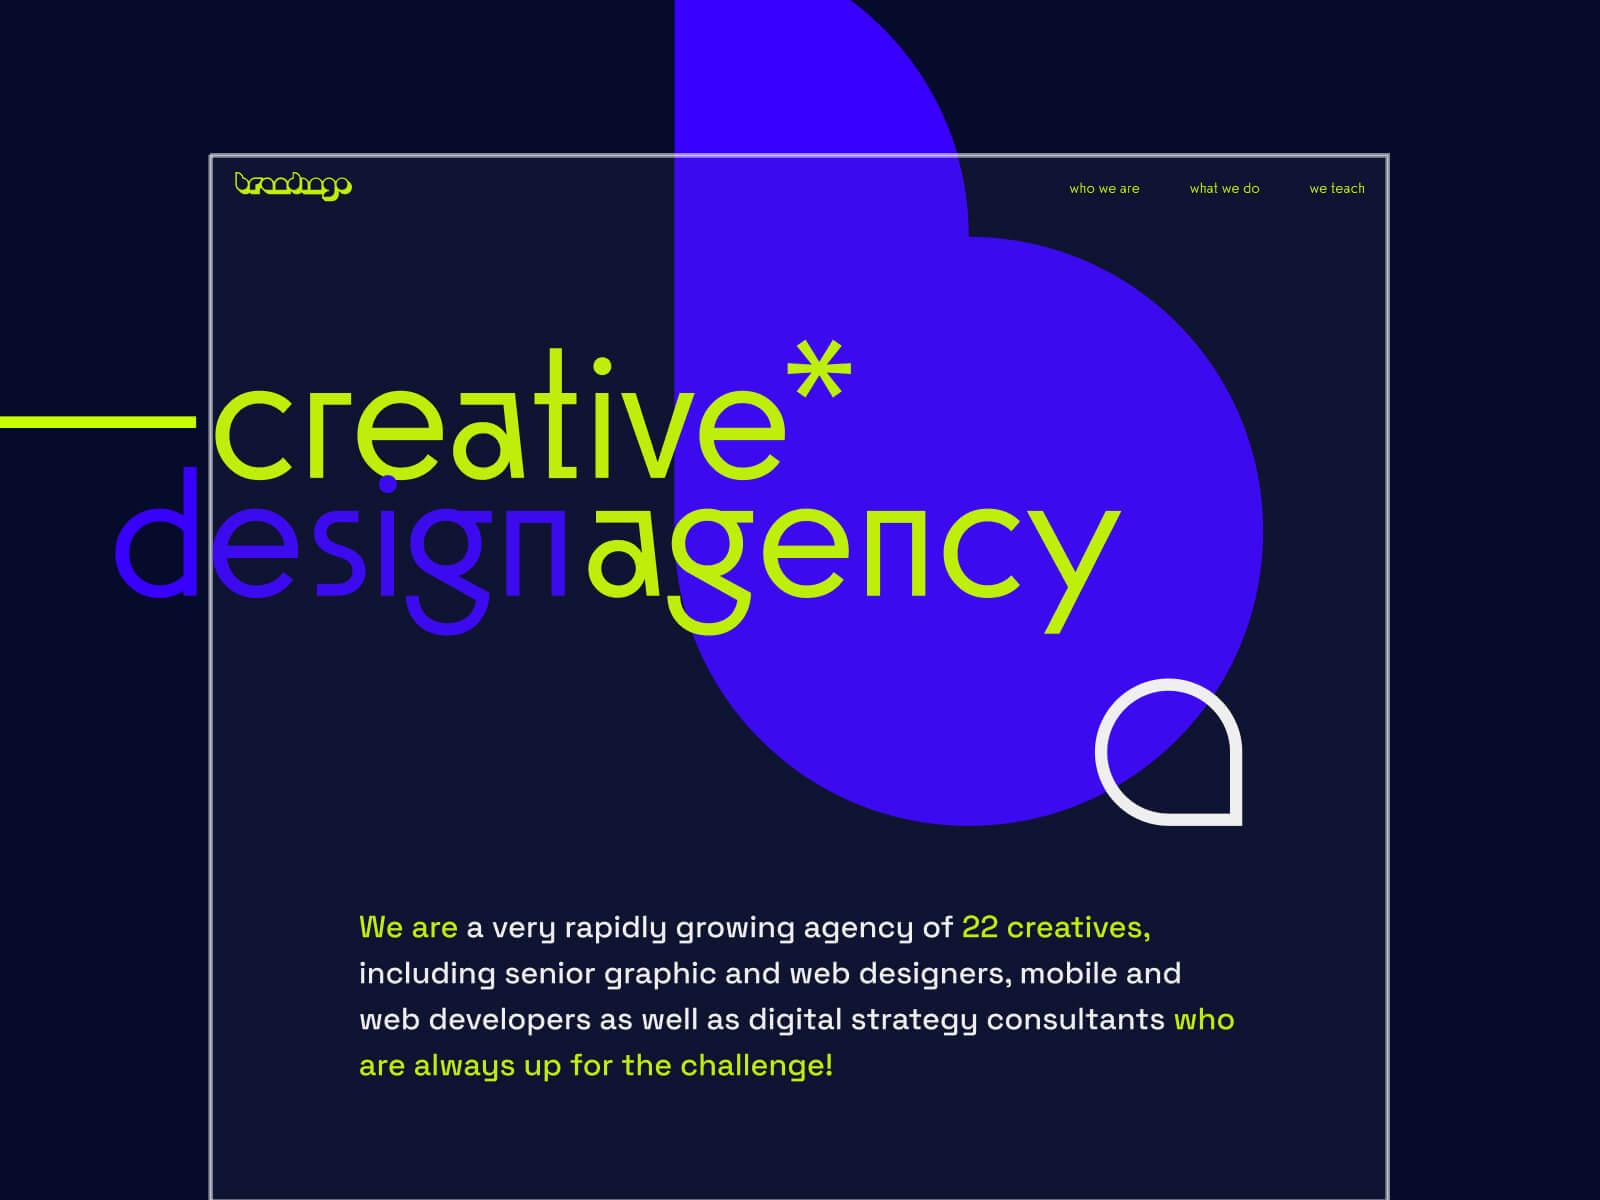 Brandingo website design